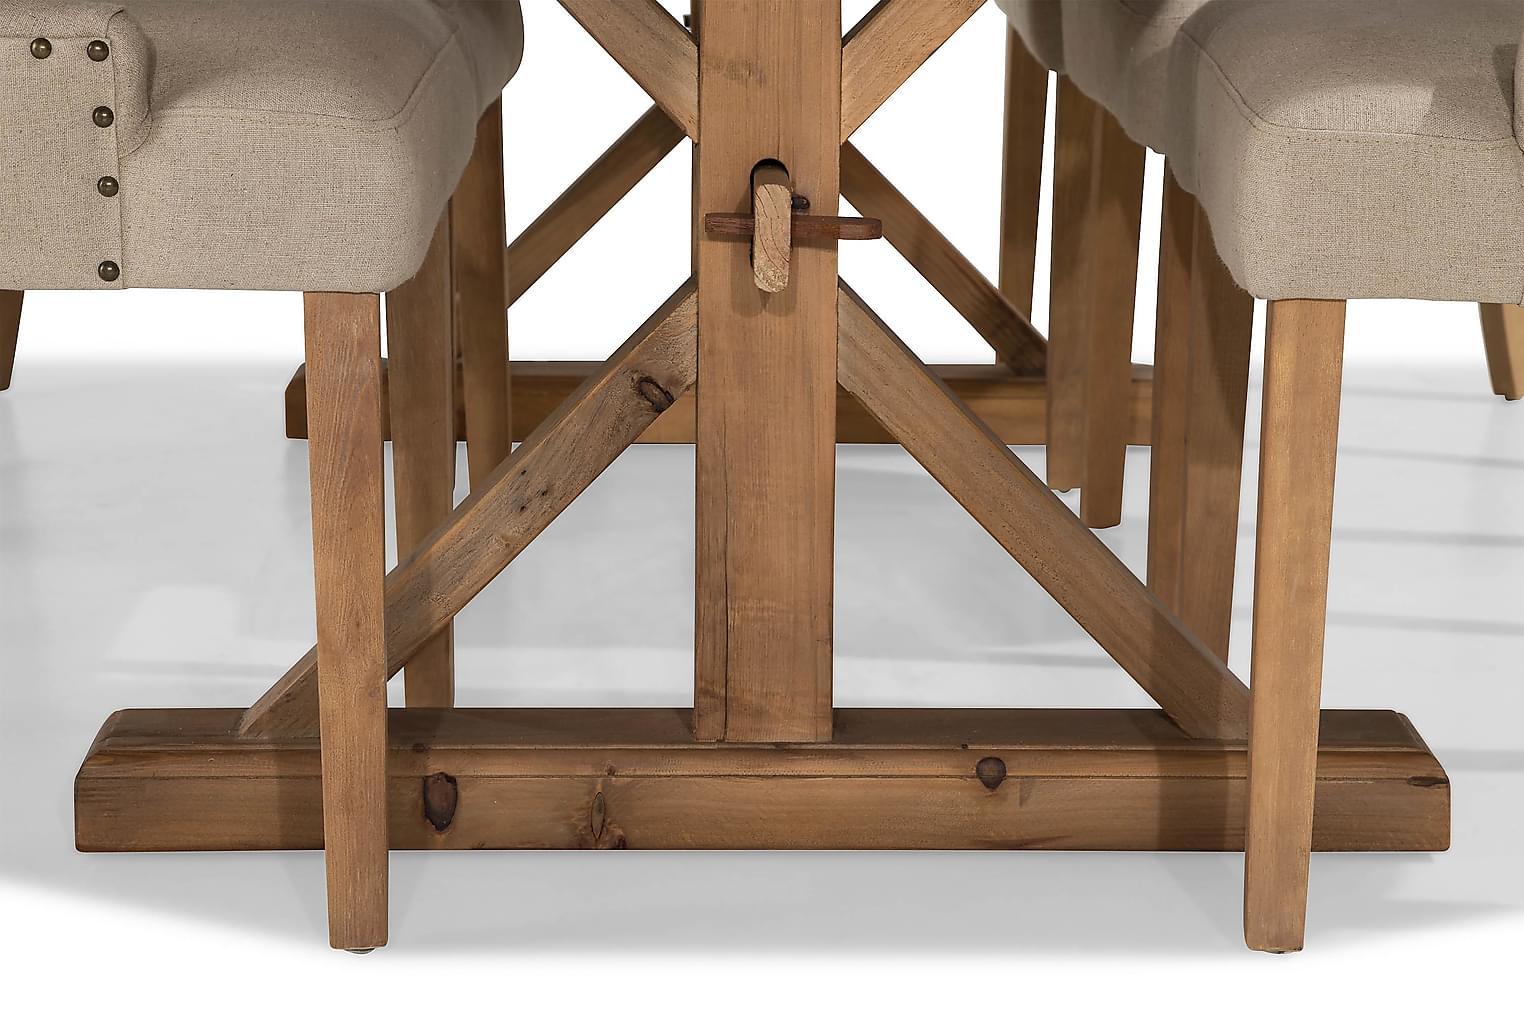 LIRE Pöytä 200 Luonnonväri + 6 COLFAX tuolia Beige